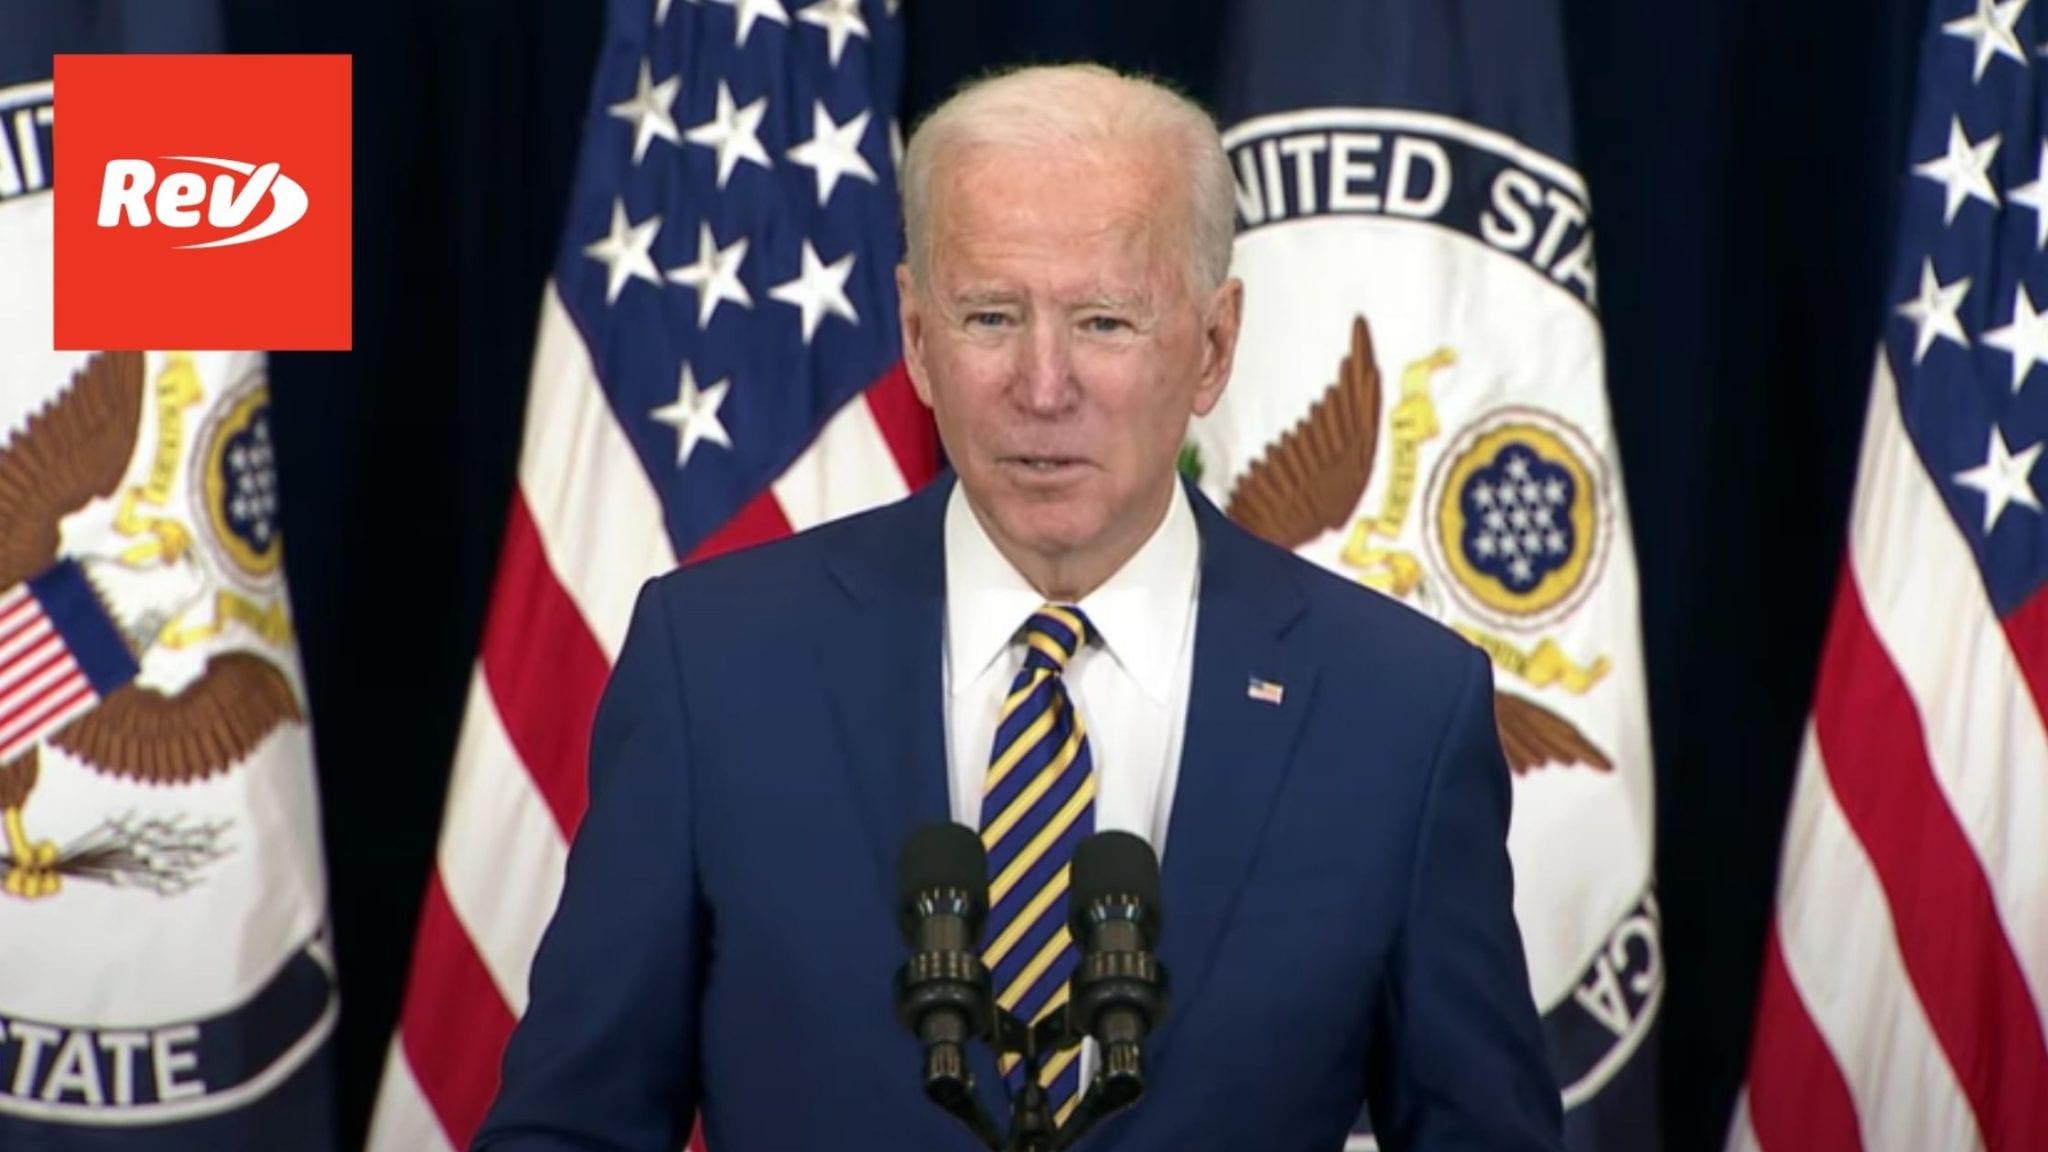 Joe Biden & Kamala Harris Speak at State Department Transcript February 4